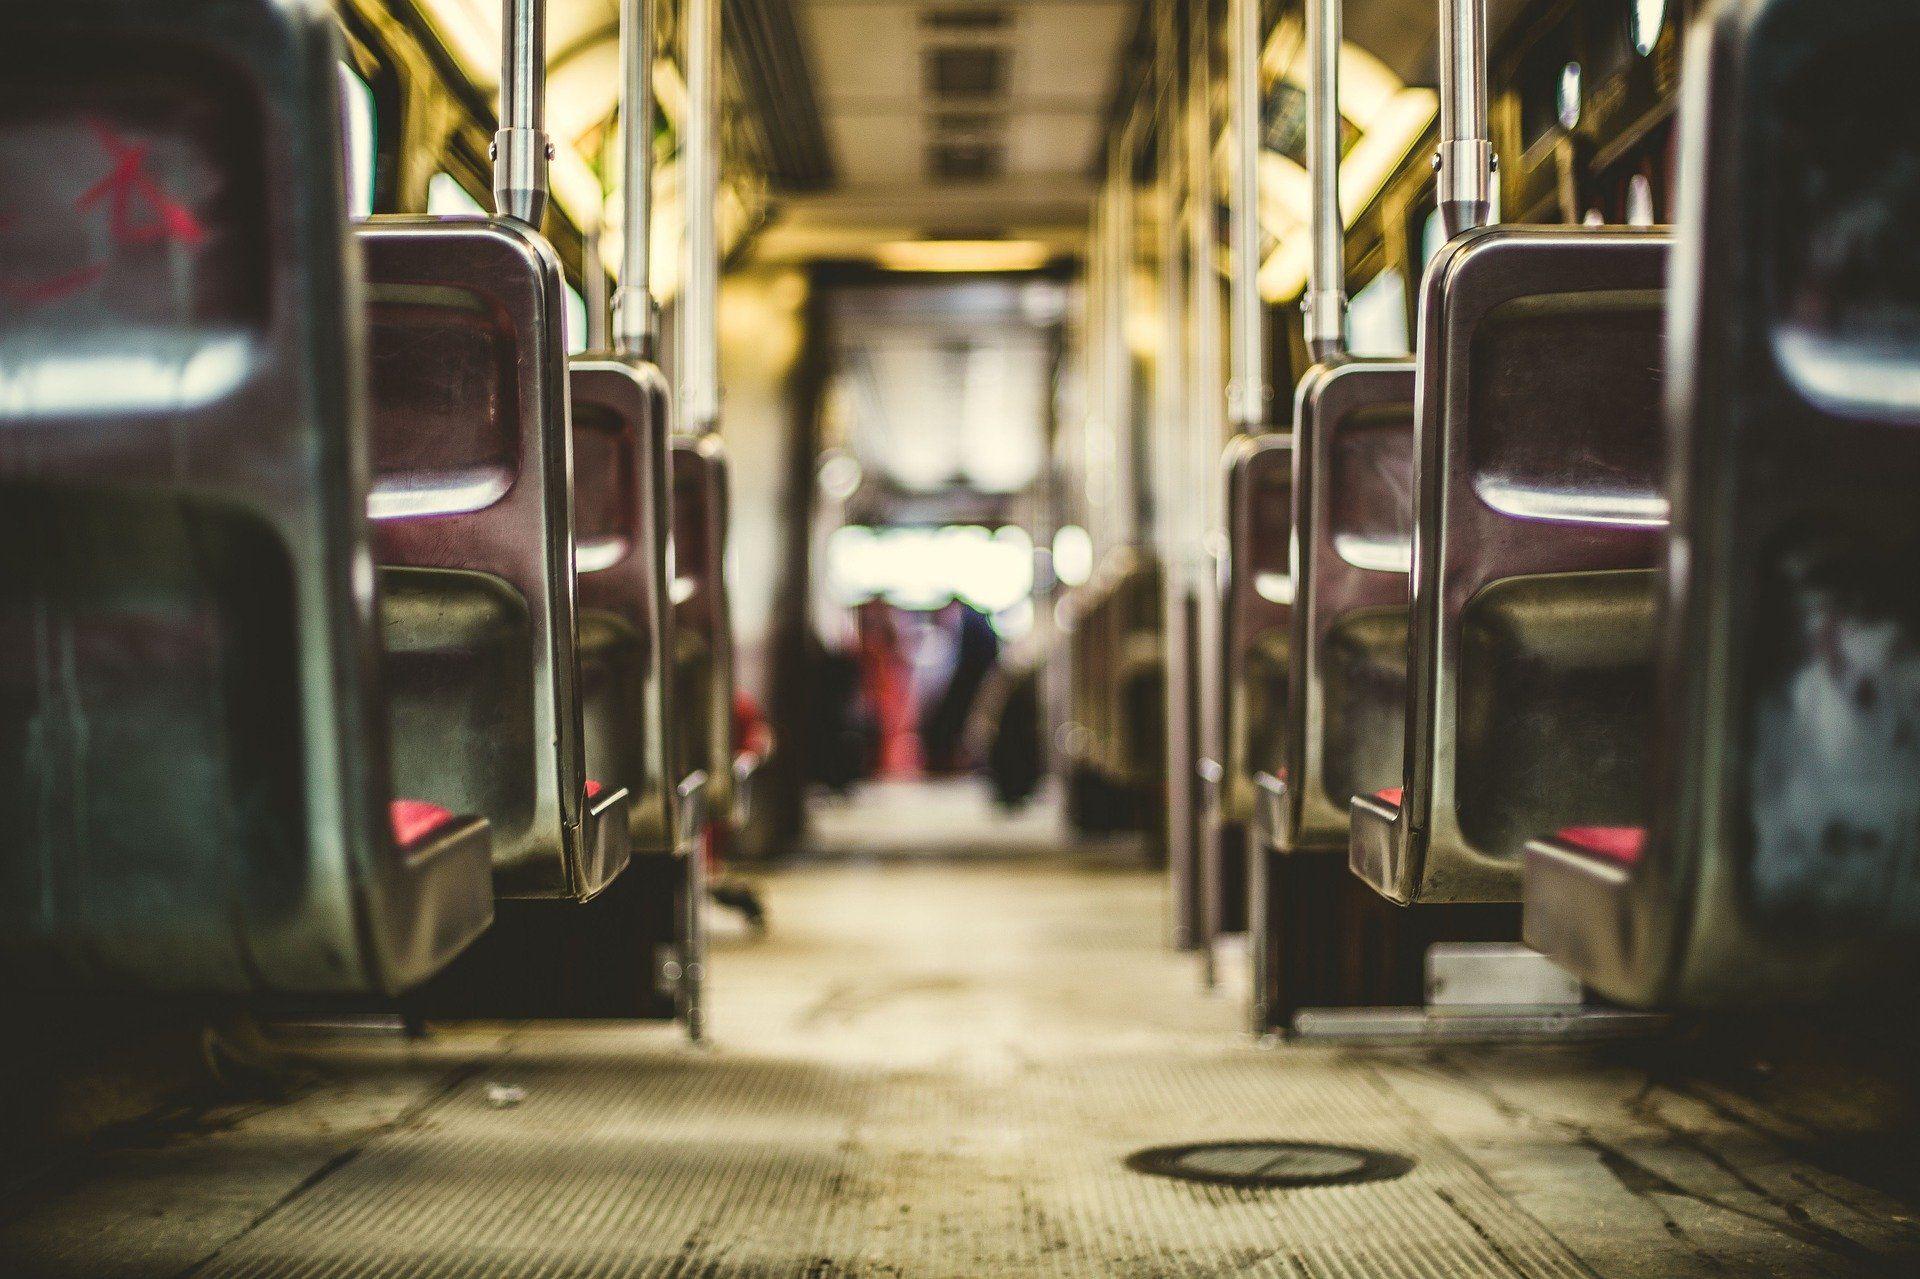 Aveneknarf: Het achterstevorenspel vanuit de trein